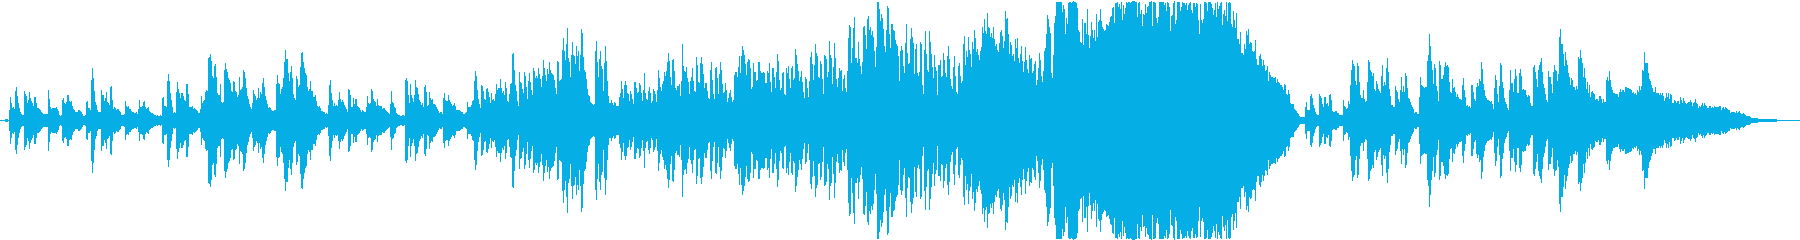 さらっと明るい前向き/ピアノ弦楽/生演奏の再生済みの波形